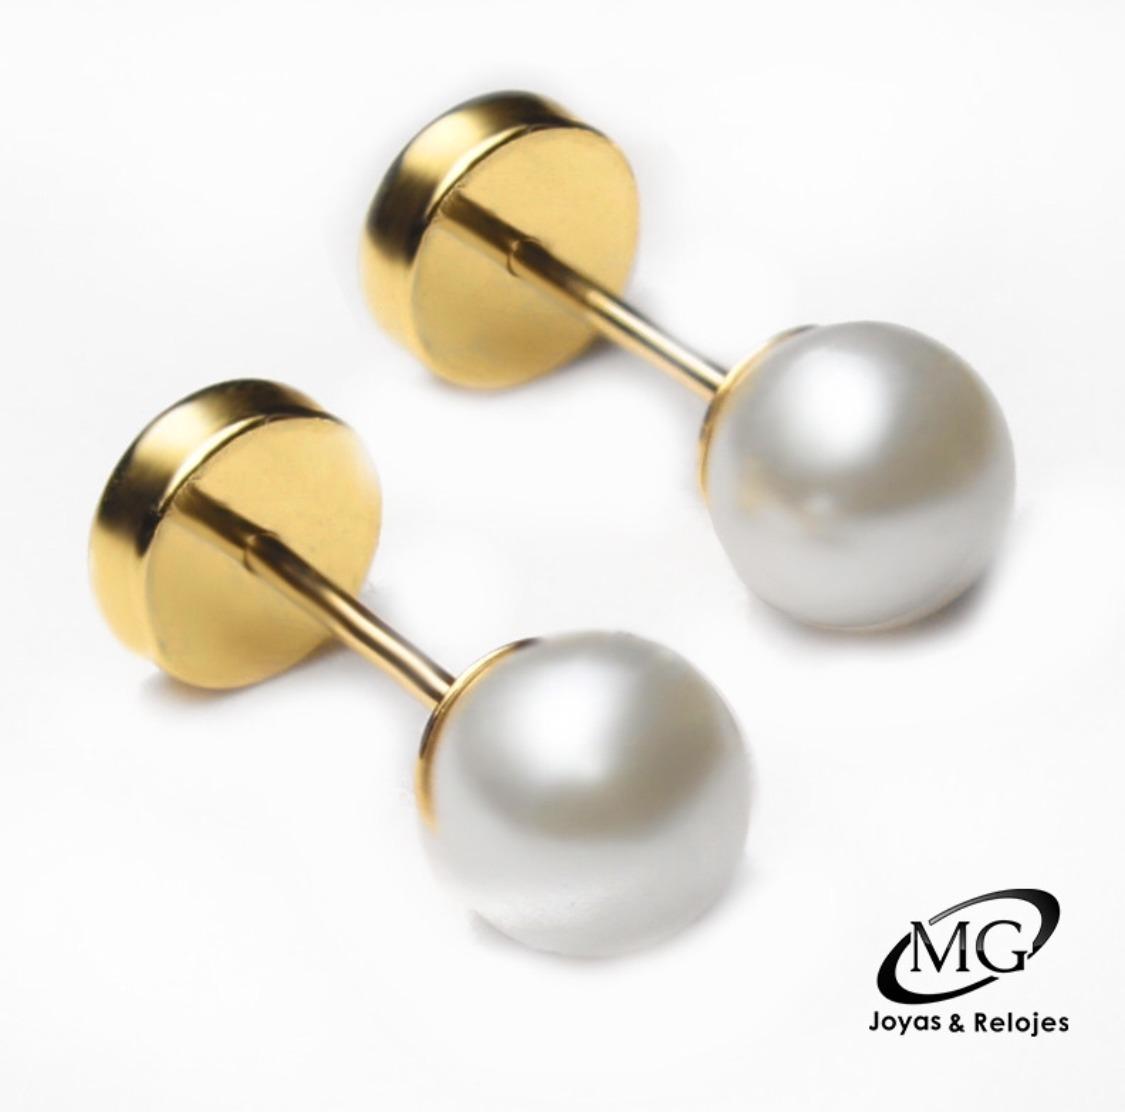 0b422ed16874 aros abridores oro 18k perla 4 mm envío gratis. Cargando zoom.